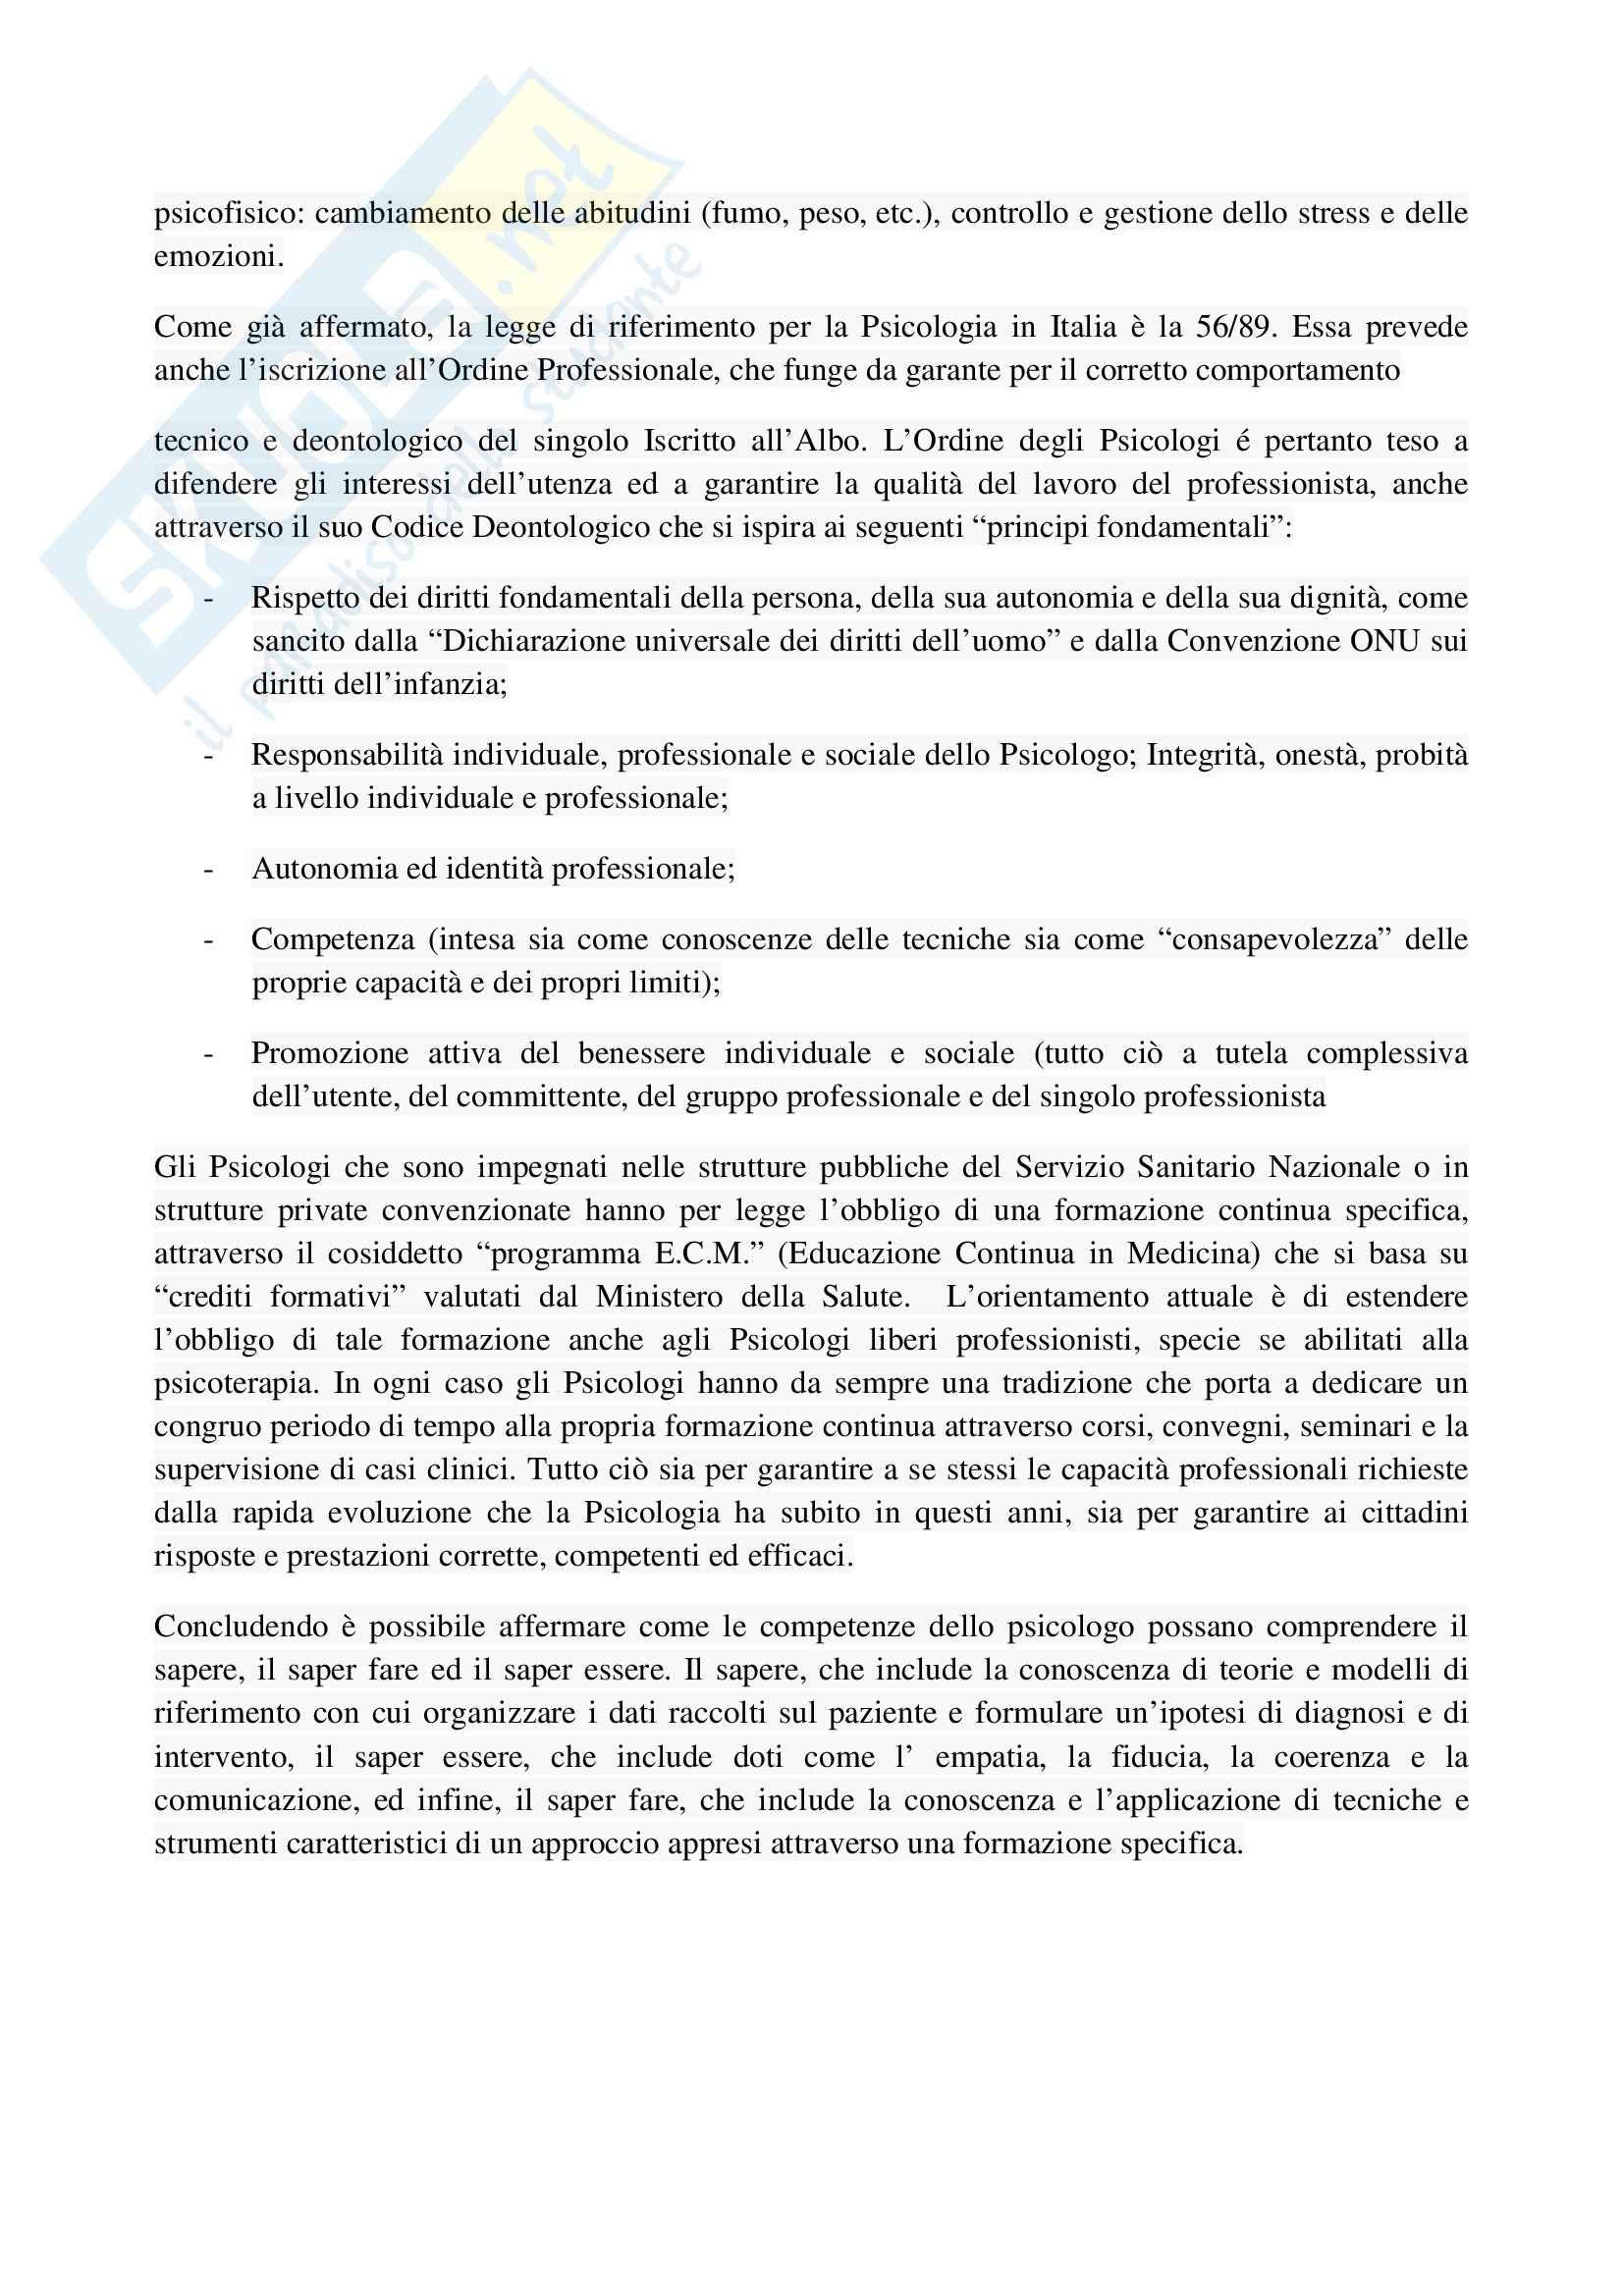 TEMI SVOLTI ESAME DI STATO PSICOLOGO SECONDA PARTE Pag. 26